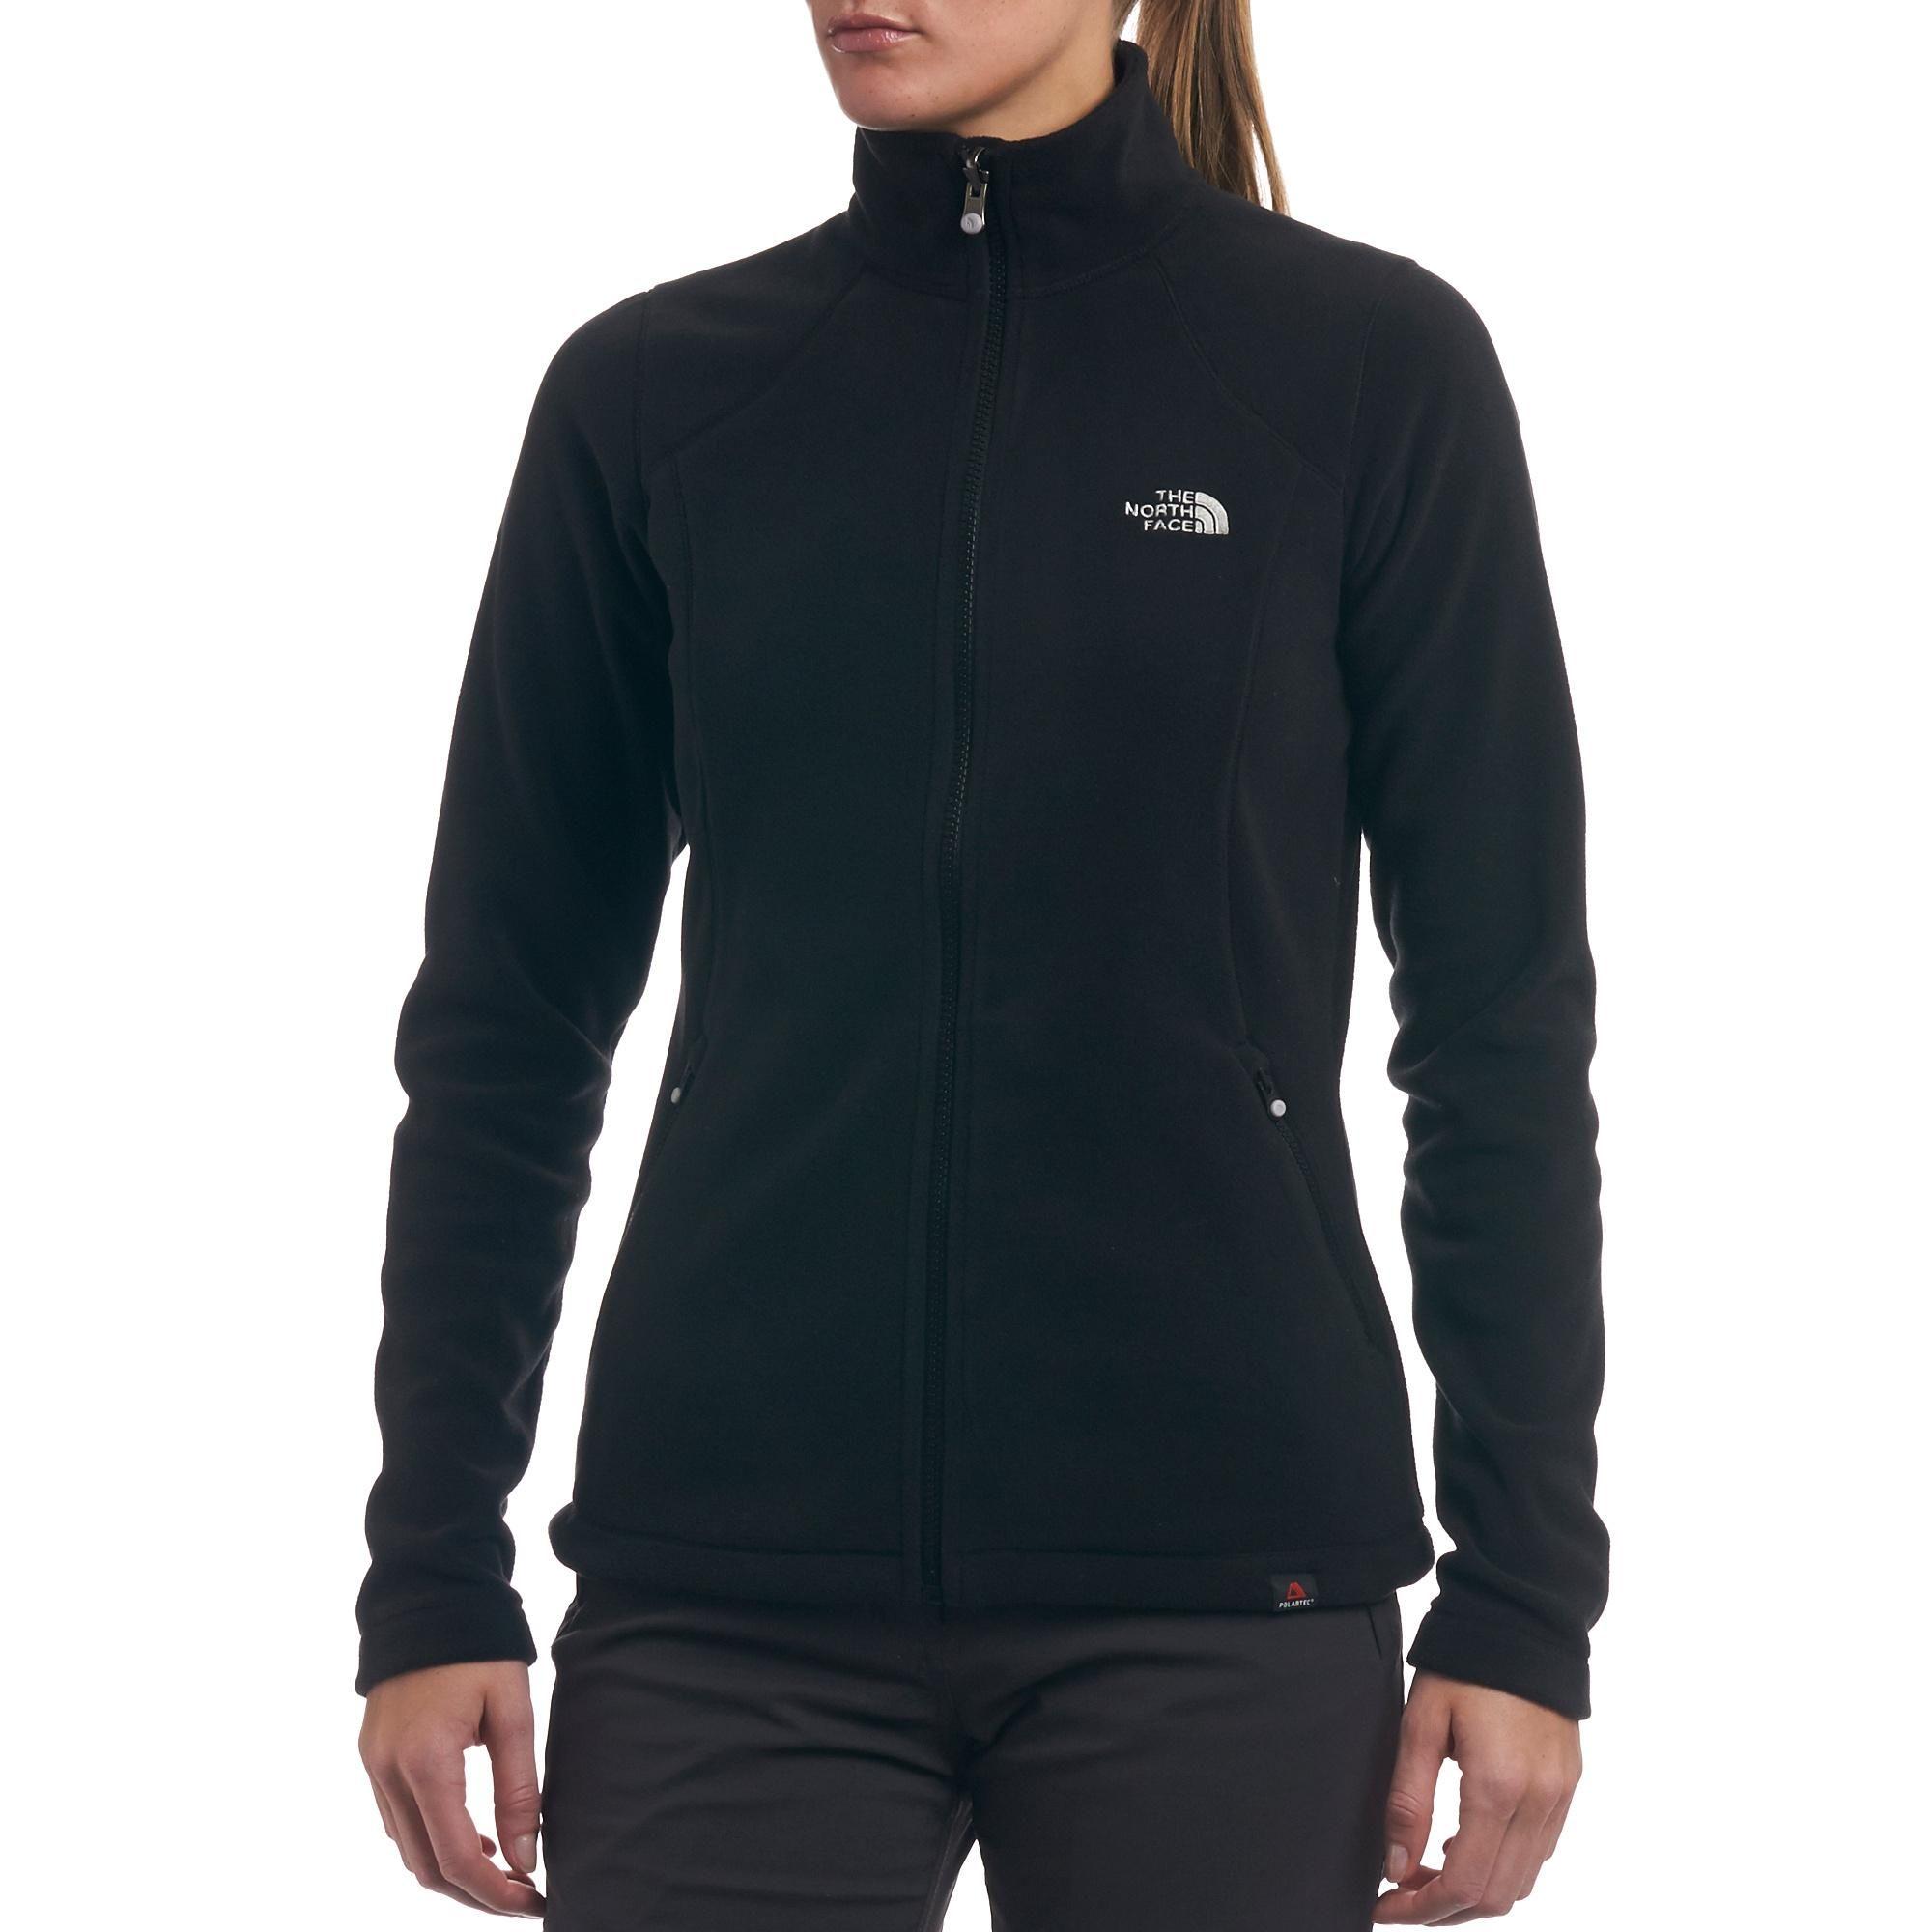 3bc87a4e0 Women's 100 Glacier Full Zip Polartec® Fleece Jacket | Sgio ...